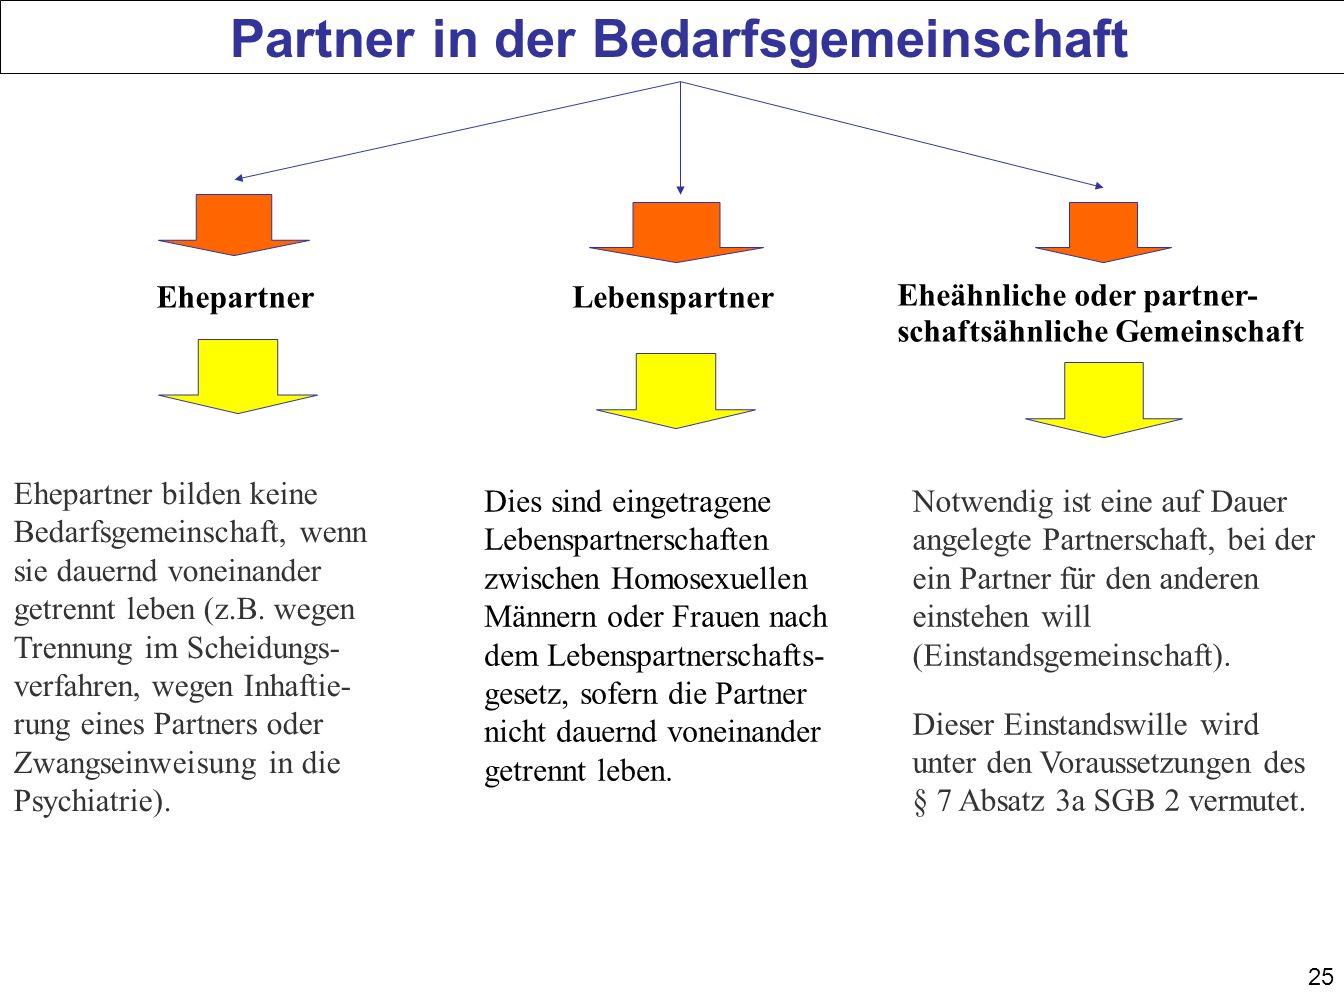 Partner in der Bedarfsgemeinschaft